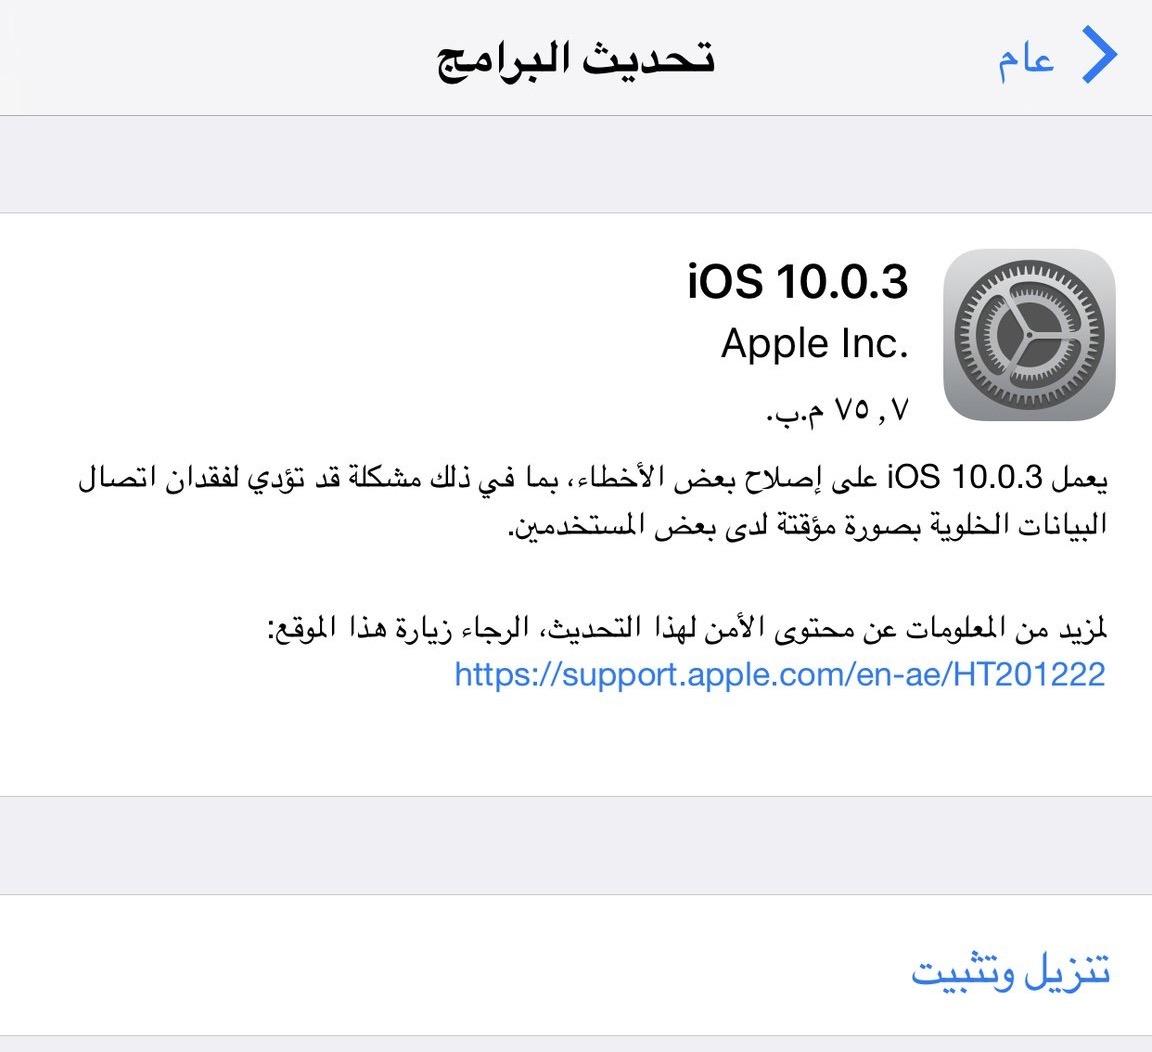 آبل تطلق التحديث iOS 10.0.3 لاصلاح مشكلة فقدان الاتصال بالشبكة على الآيفون 7 و 7 بلس